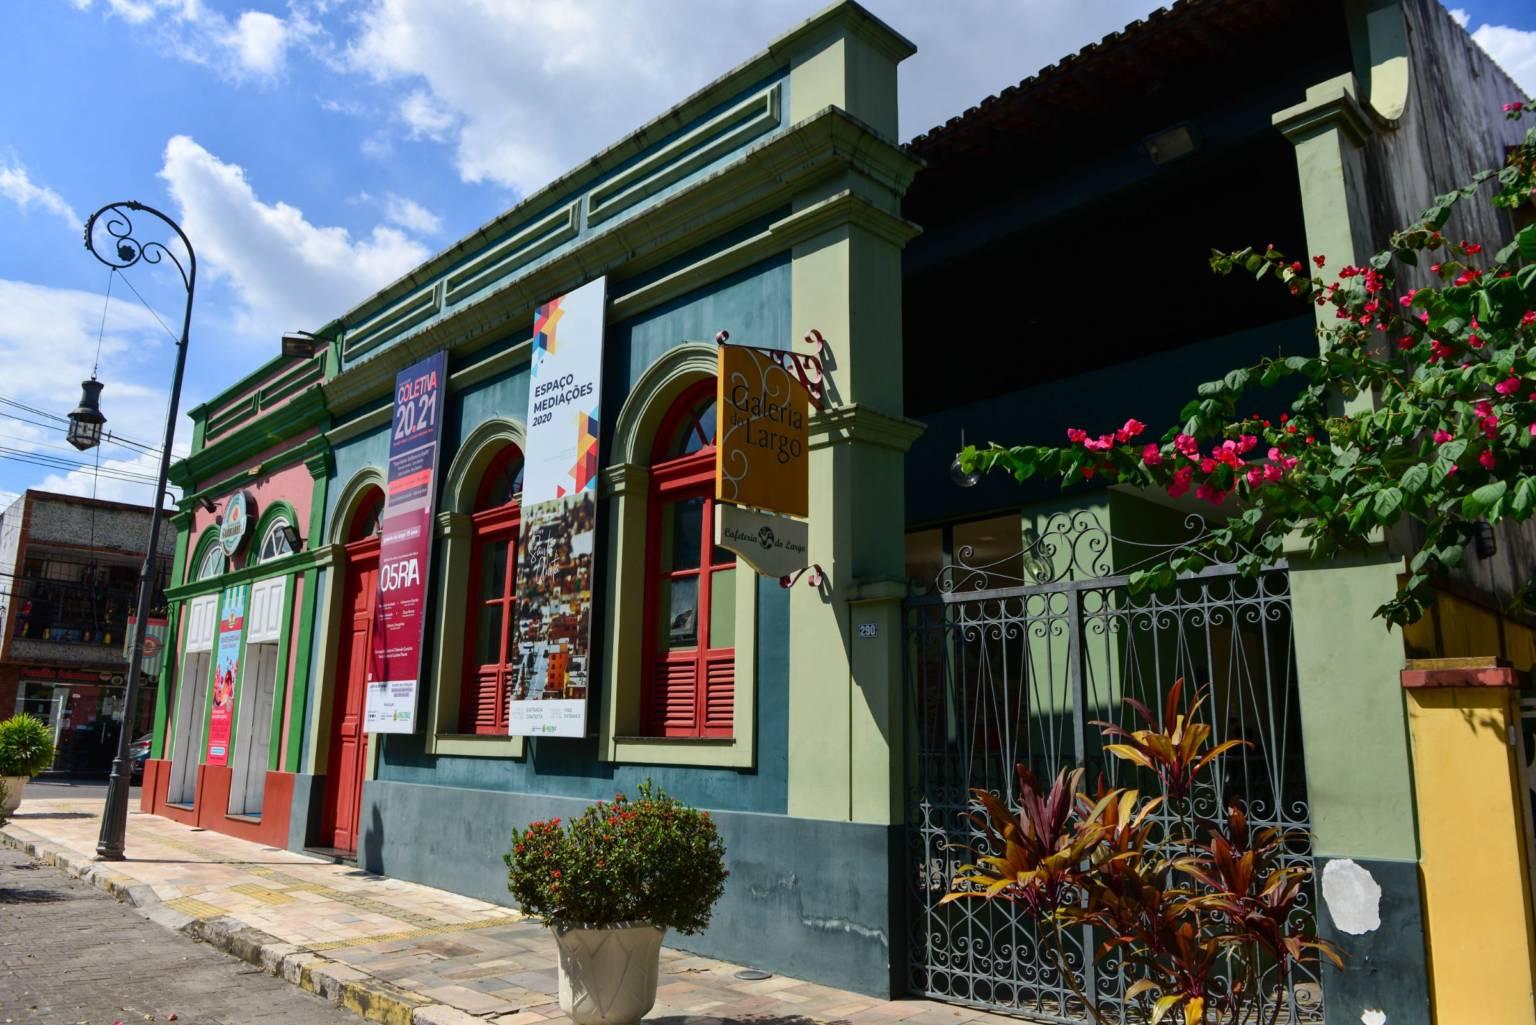 Galeria do Largo, Casa das Artes e Centro Cultural dos Povos da Amazônia abrem para visitação na terça-feira (15/06)